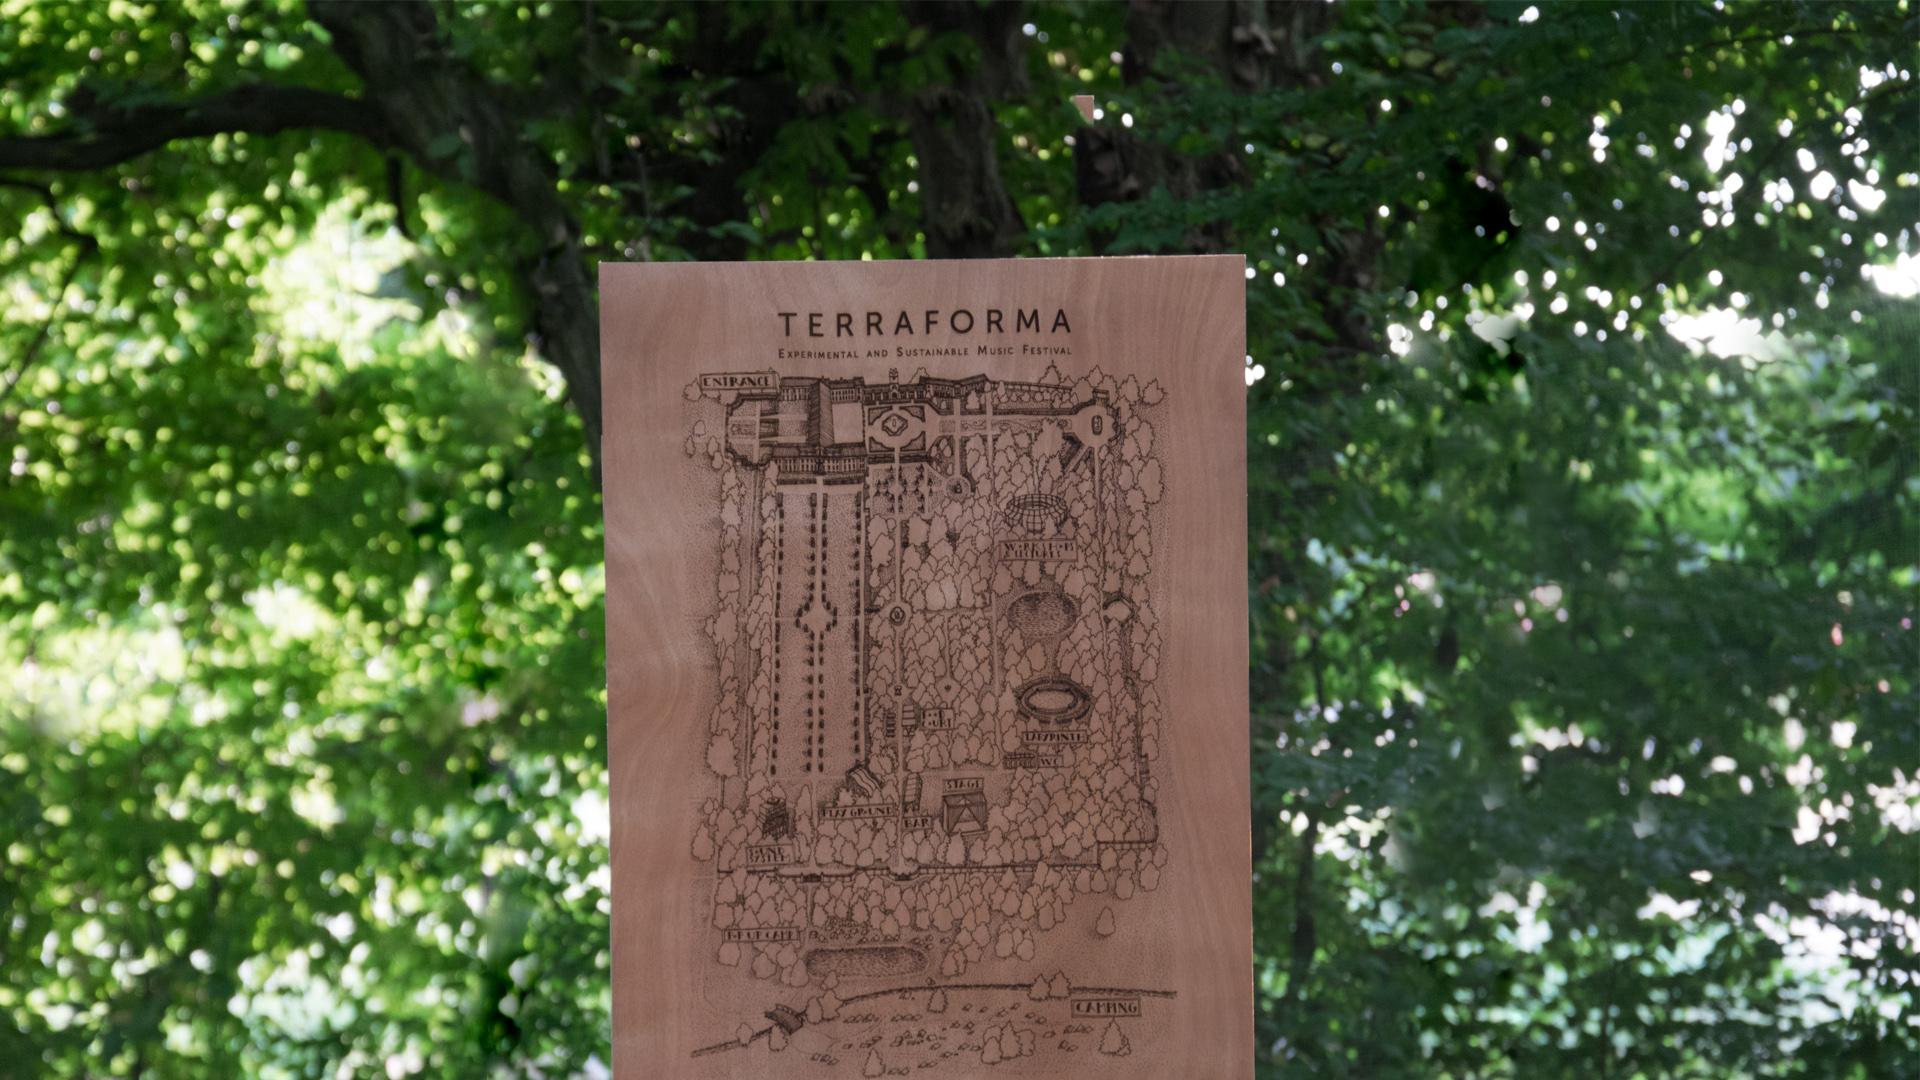 Terraforma Festival - laser engraved panel